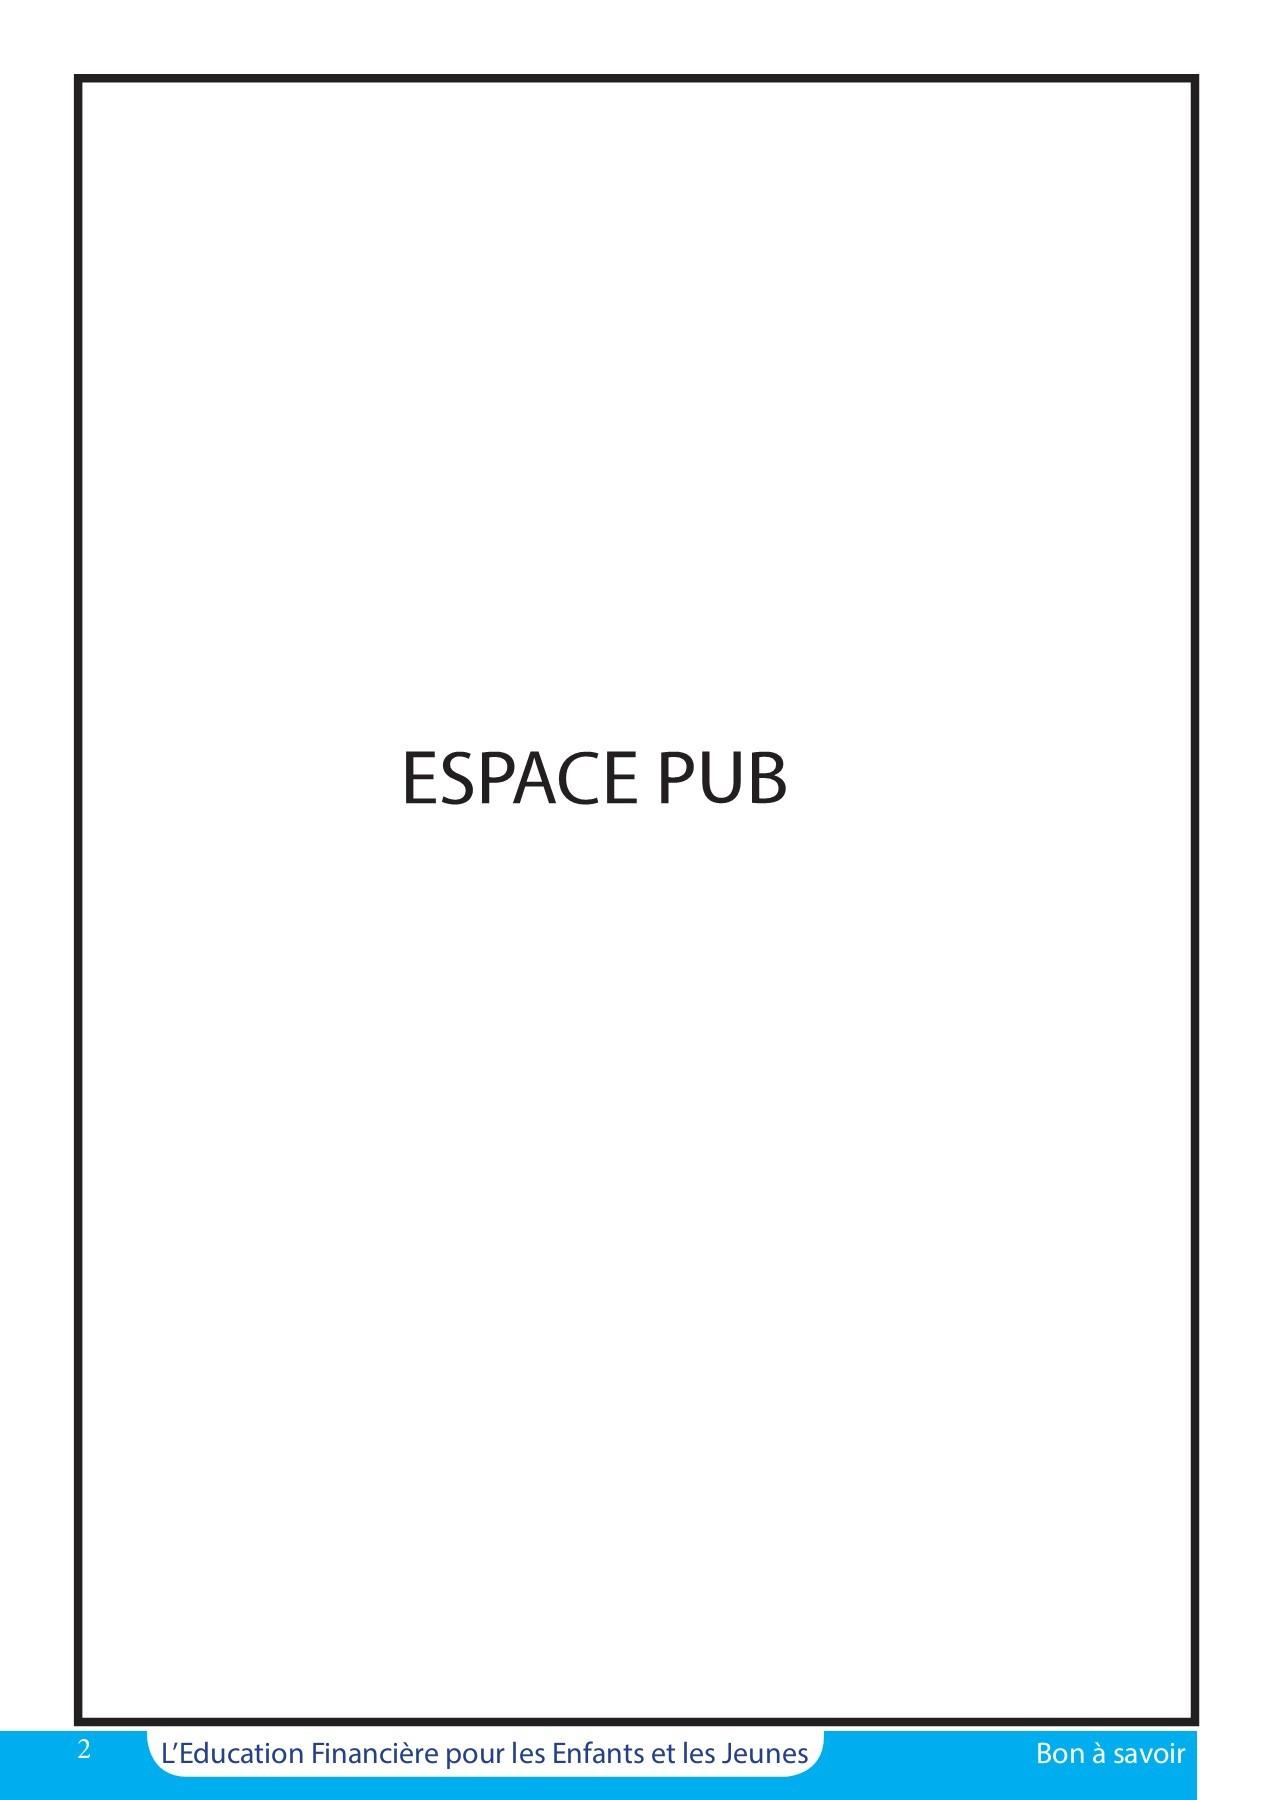 Jeux Mots Croisés Pages 1 - 36 - Text Version | Fliphtml5 destiné Jeux De Mots Enfants